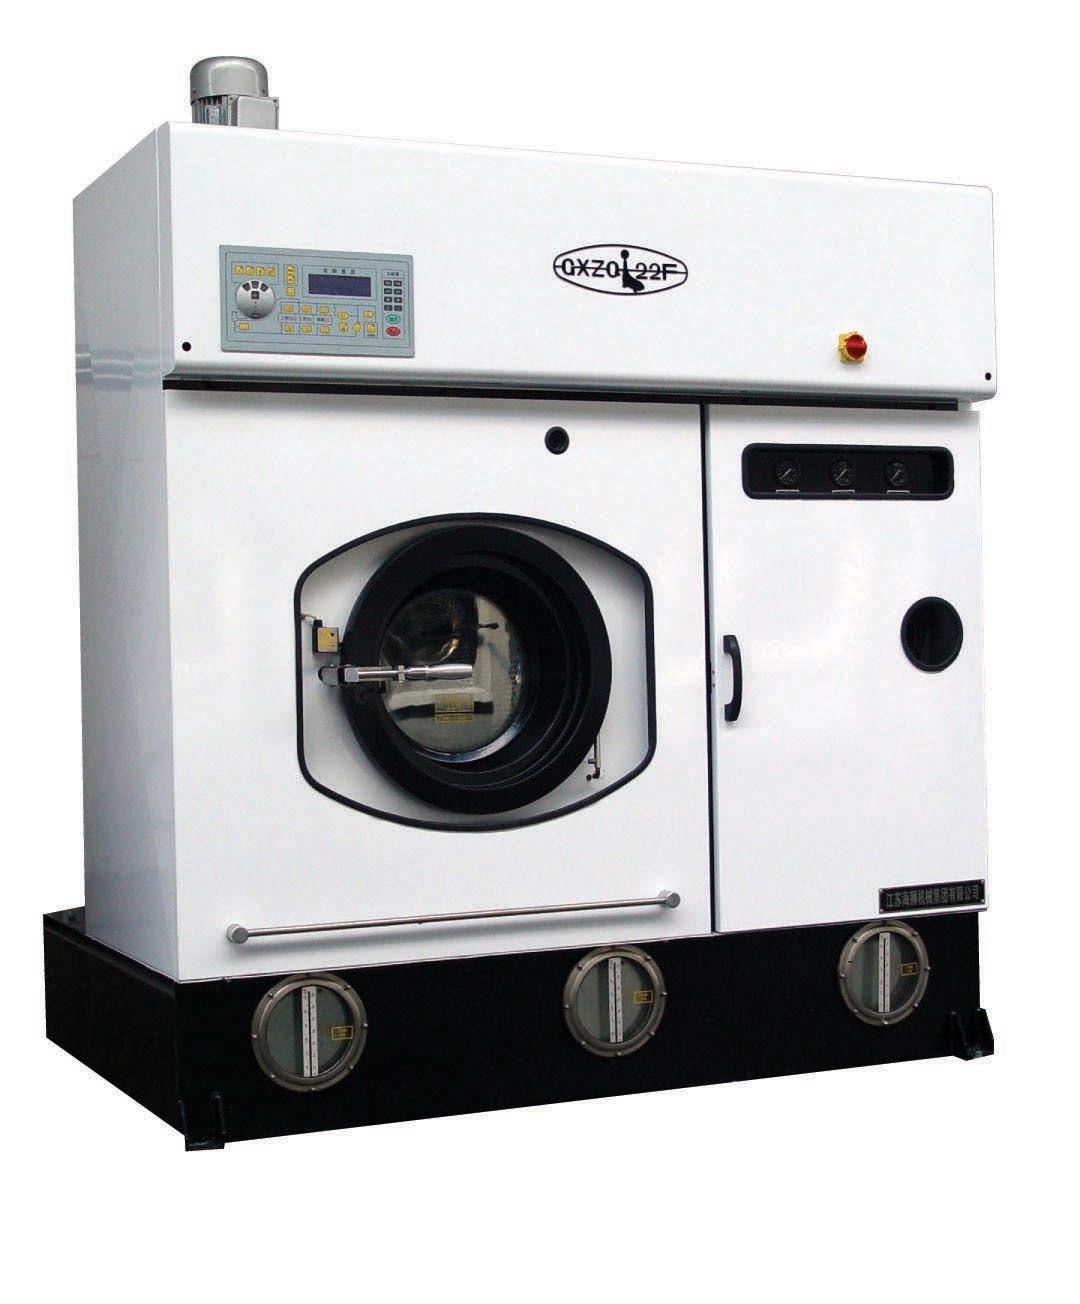 Drycleaning Machine (GXZQ-22F)